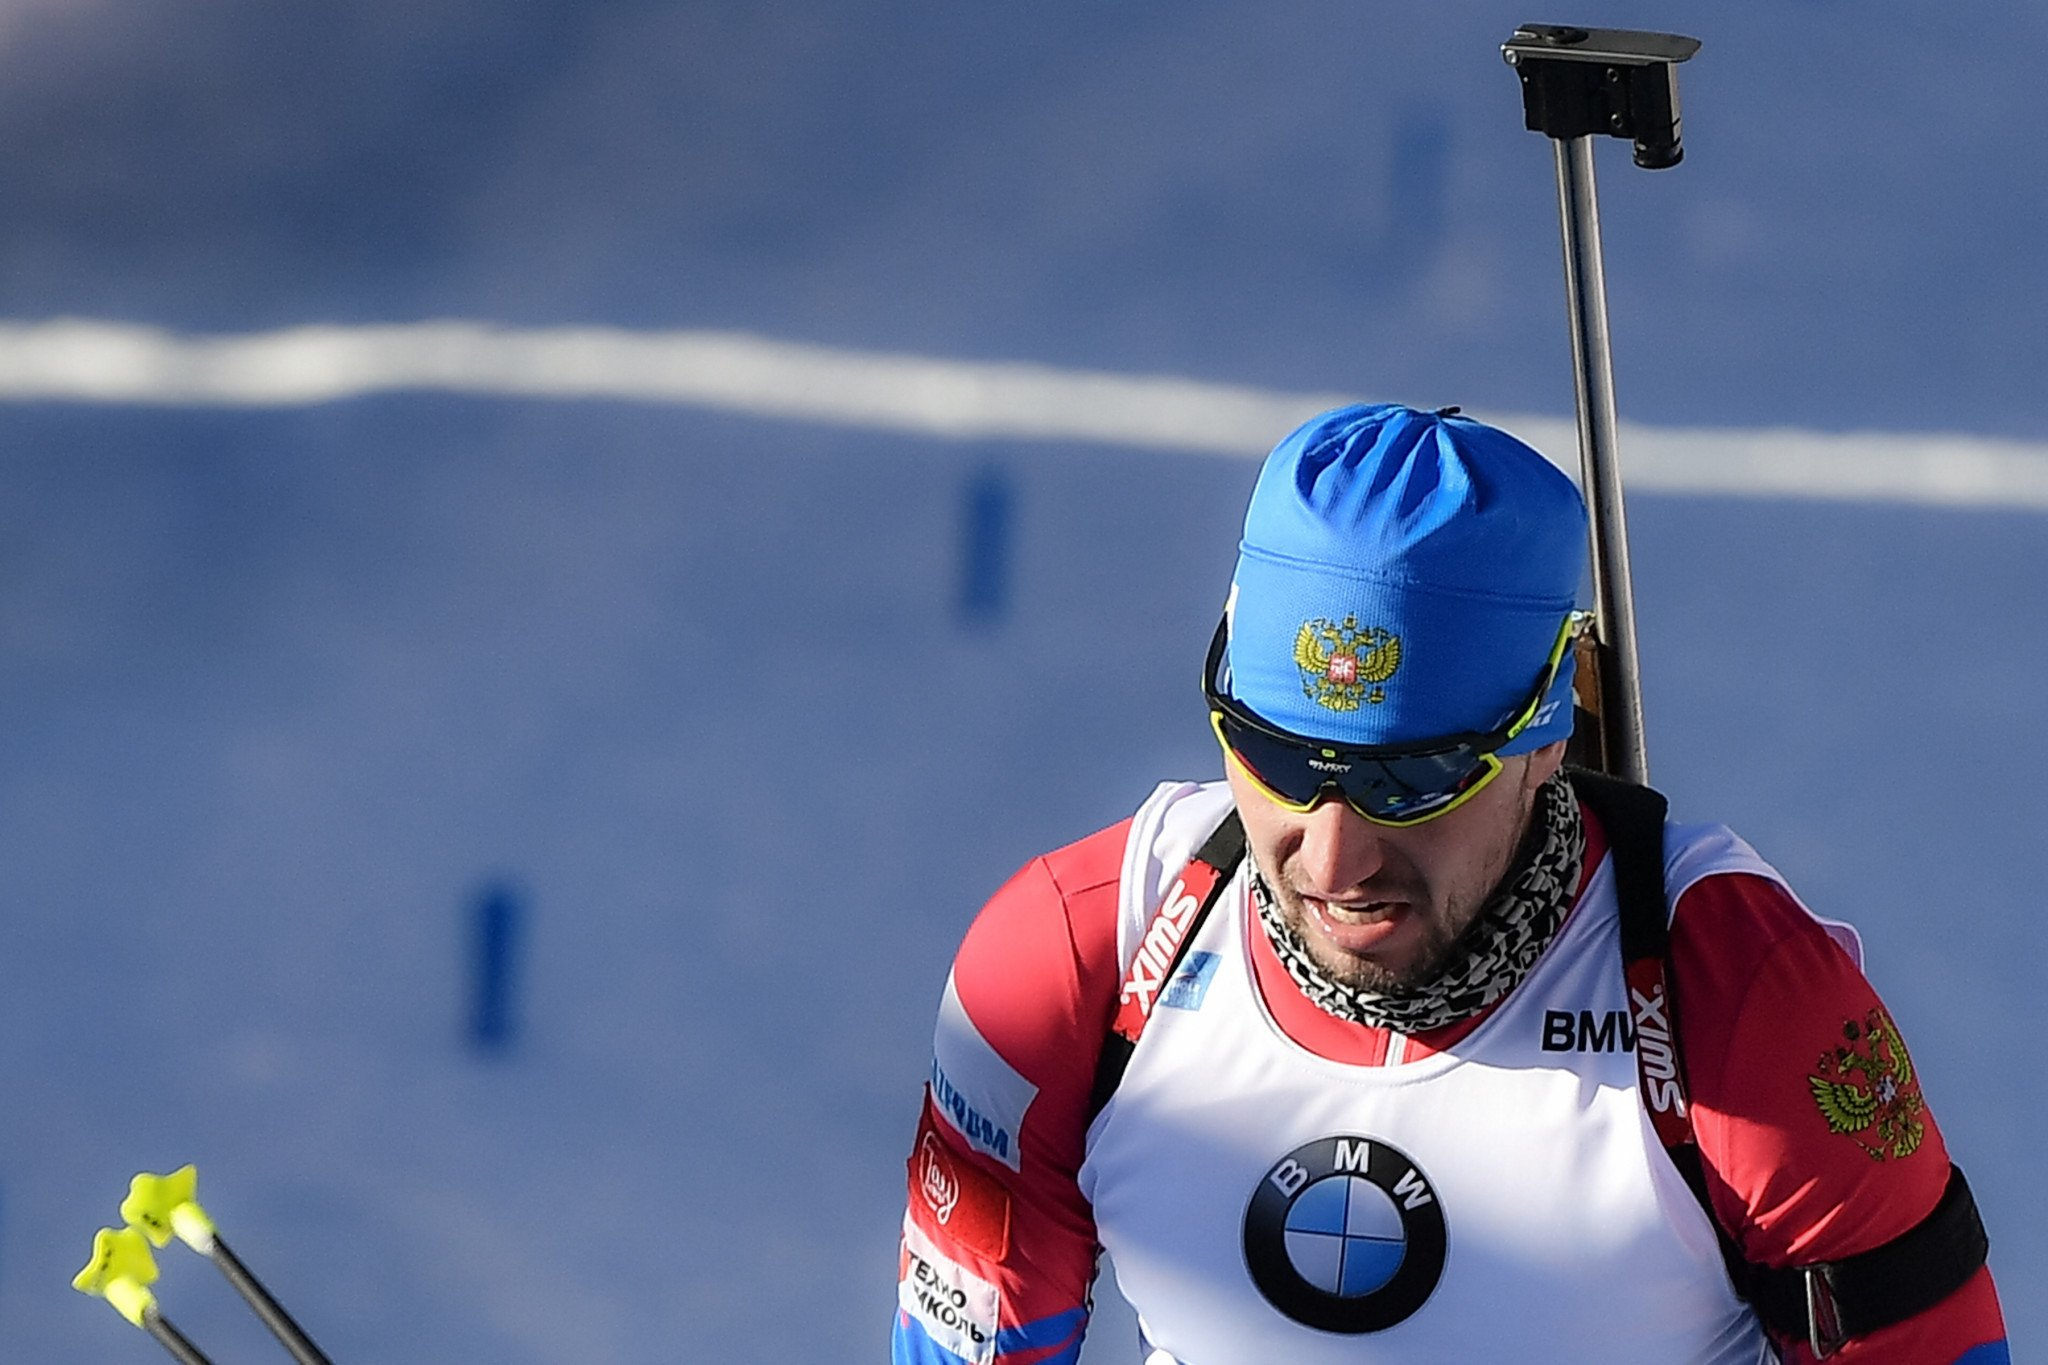 Норвежский журналист о сборной России по биатлону: нет ничего лучше, чем поражение мошенников